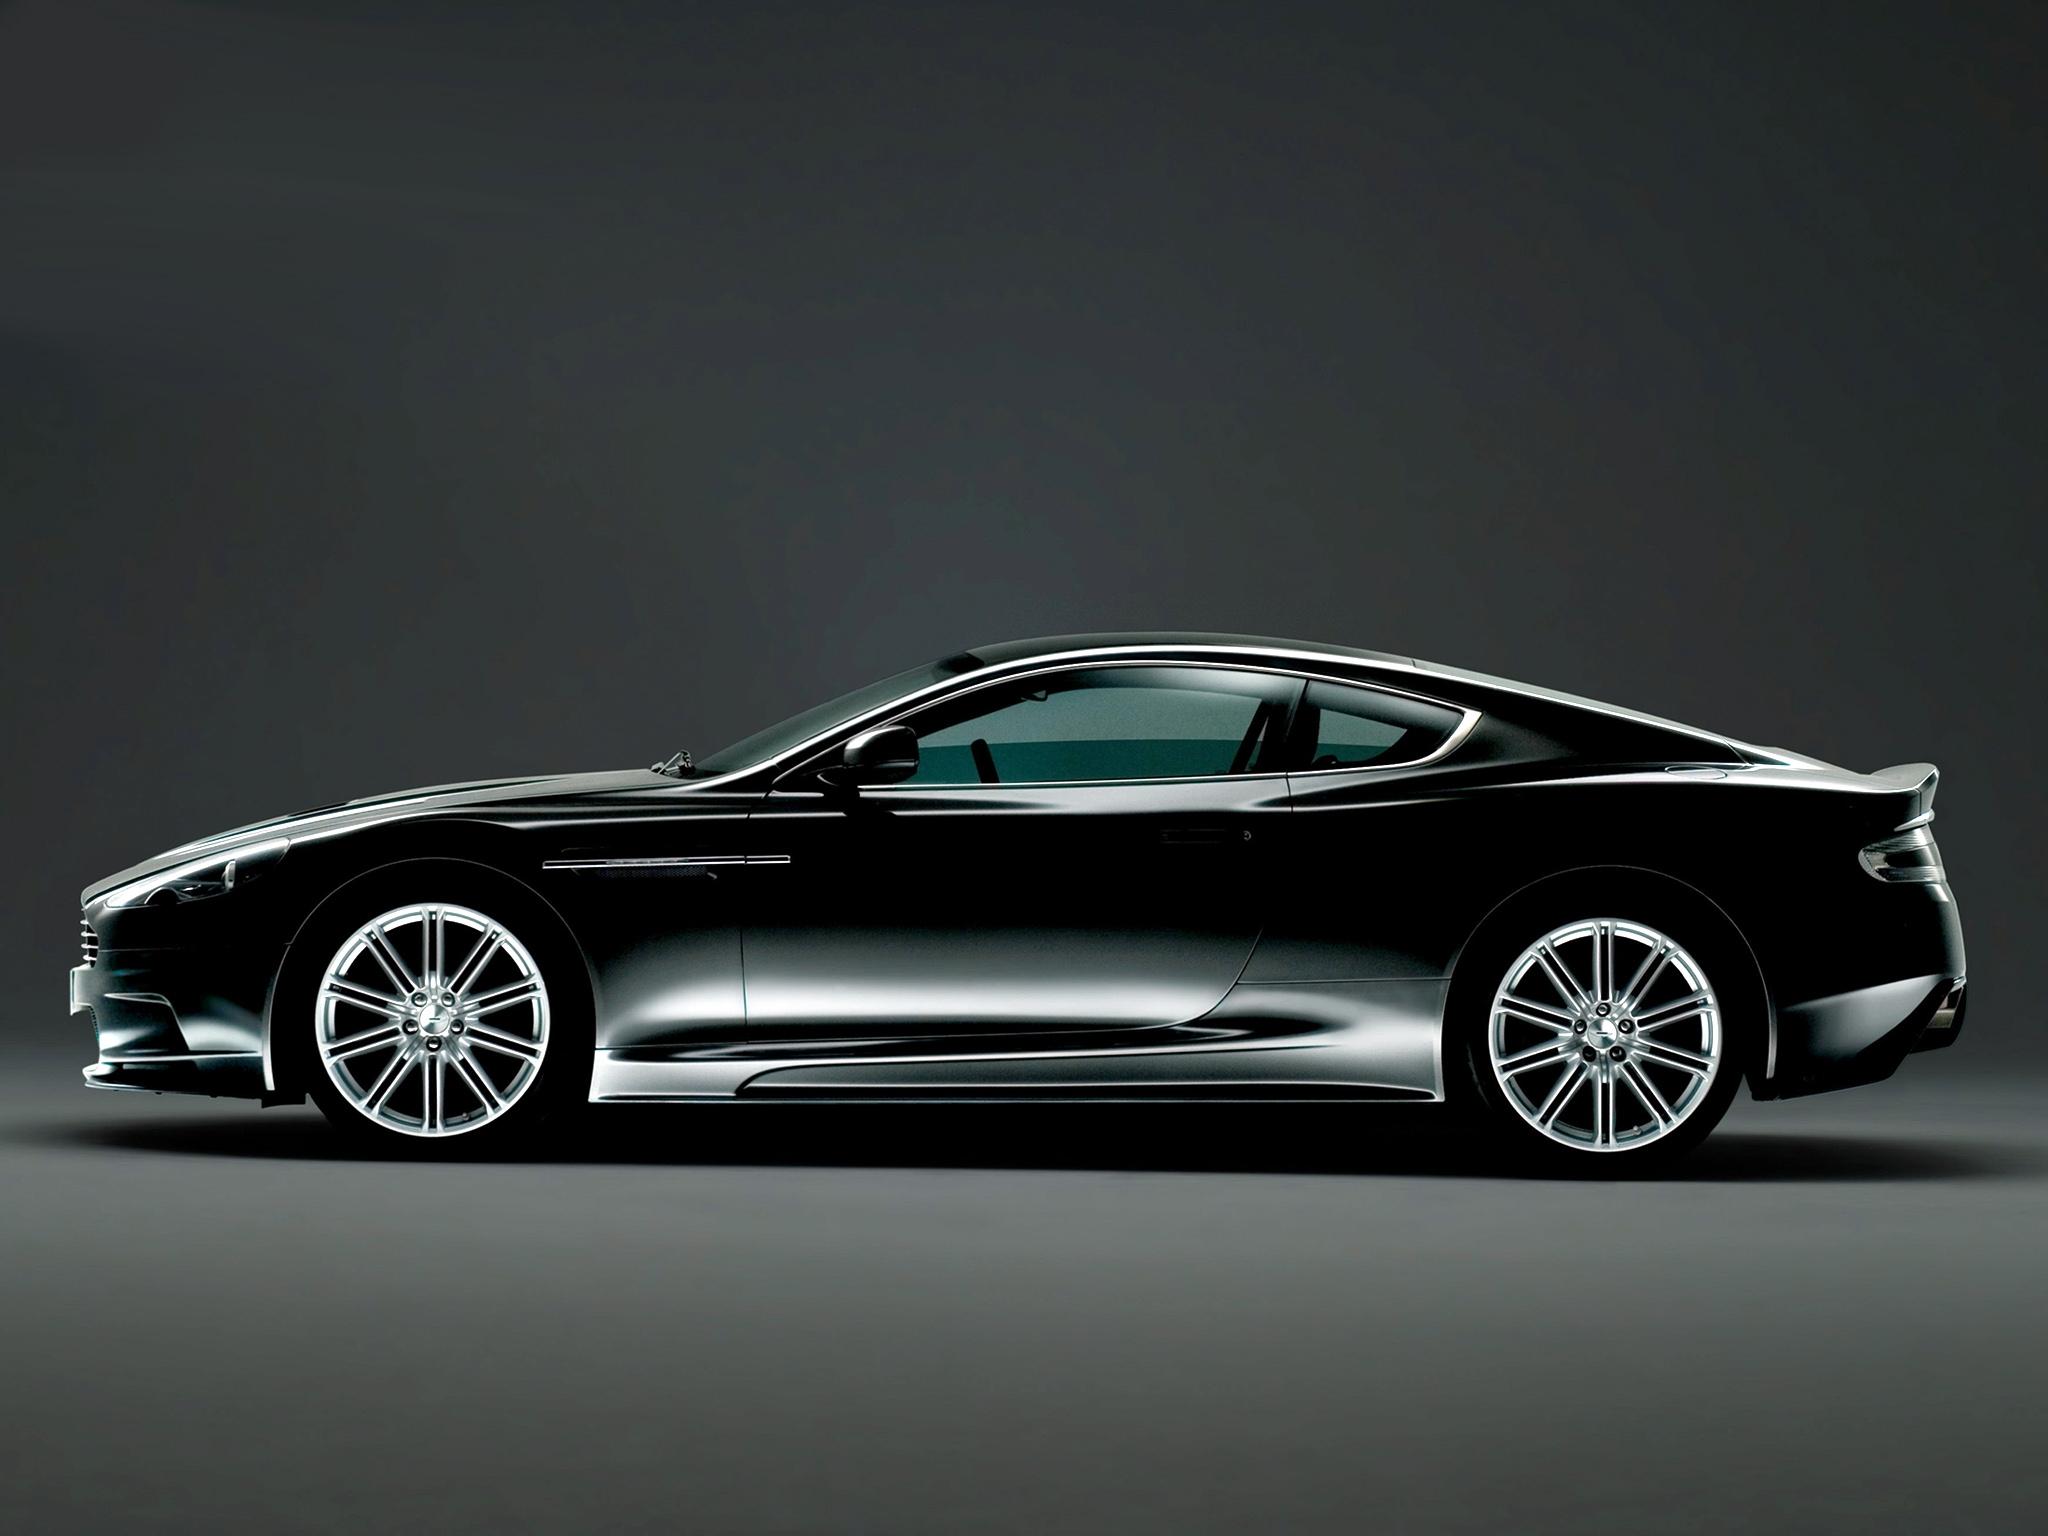 134753 скачать обои Машины, Астон Мартин (Aston Martin), Тачки (Cars), Черный, Вид Сбоку, Dbs, 2008 - заставки и картинки бесплатно